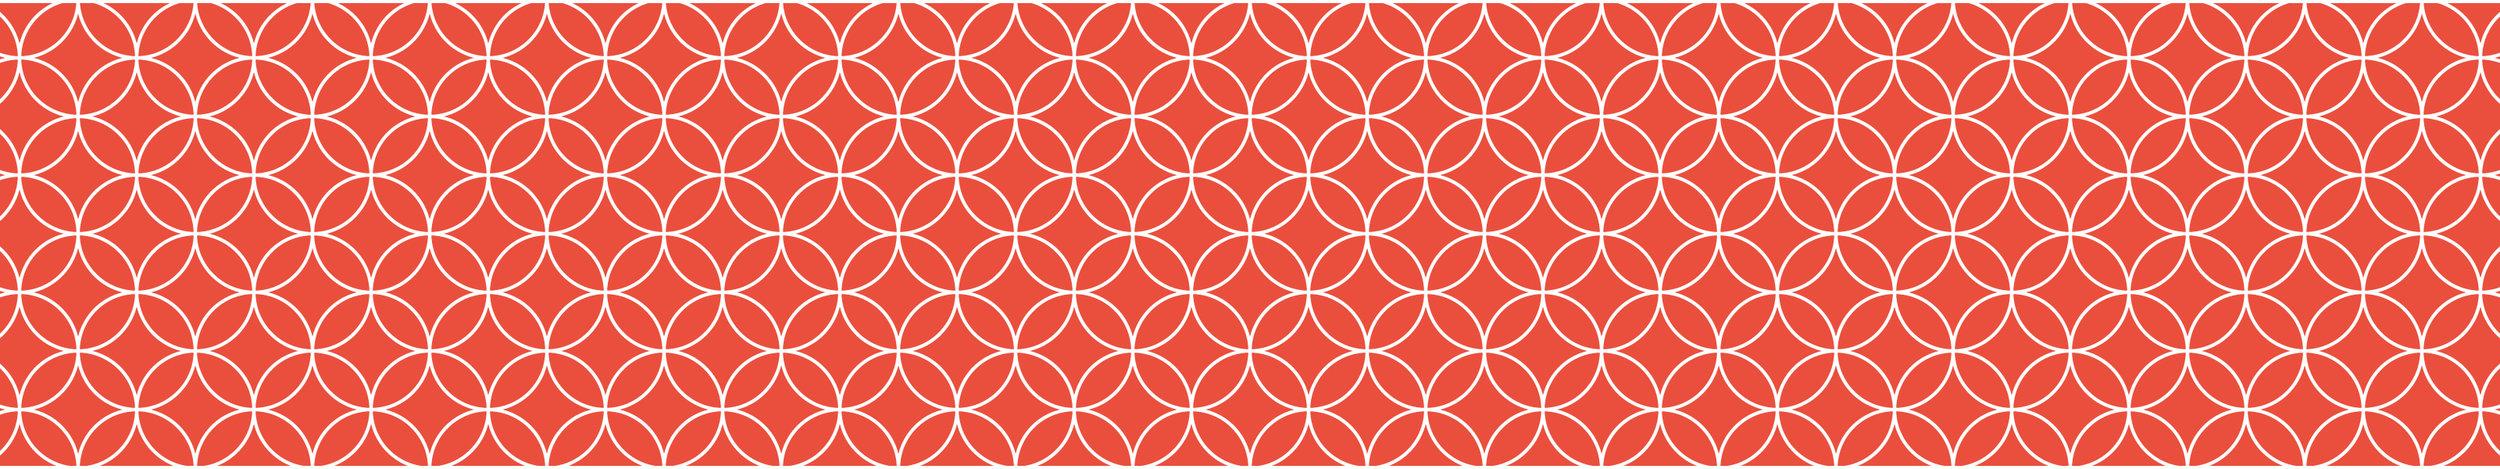 coa-pattern_03 copy@2x.jpg